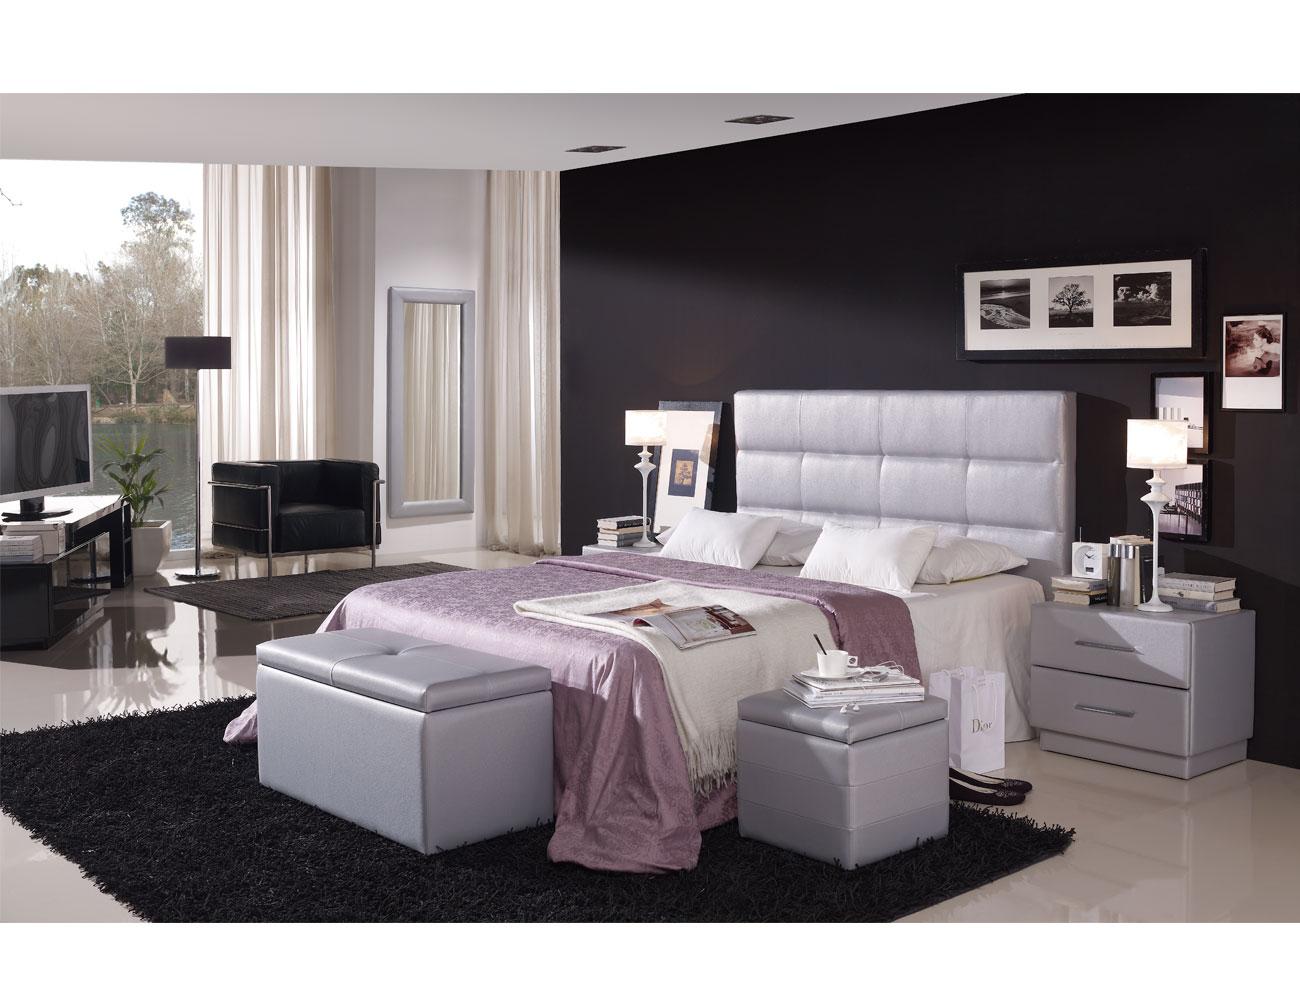 86 pie cama cuadros dormitorio 98